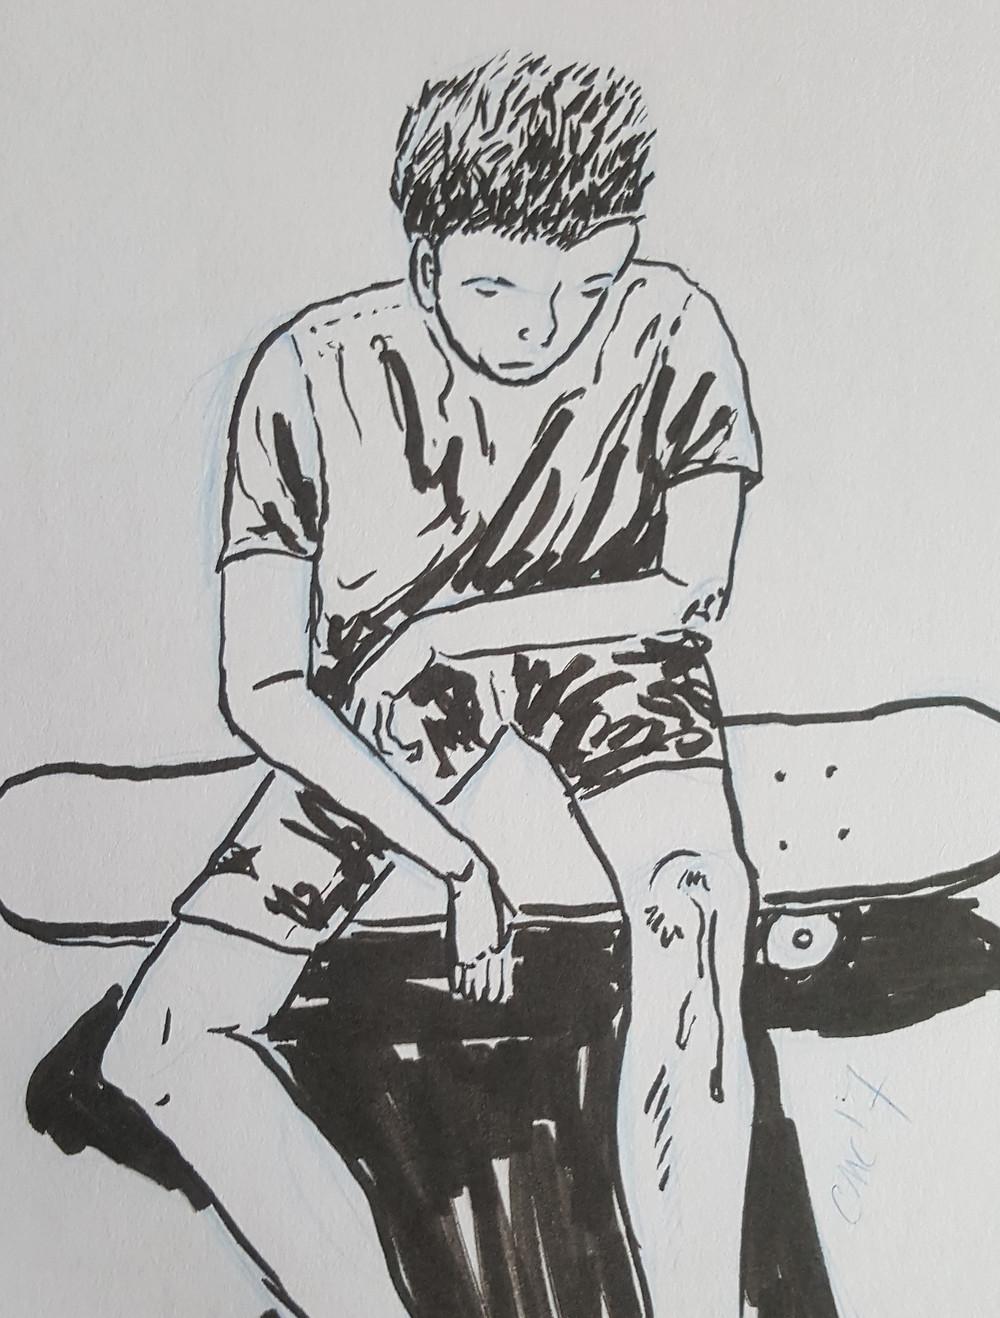 SkinnedKnee_Sketch